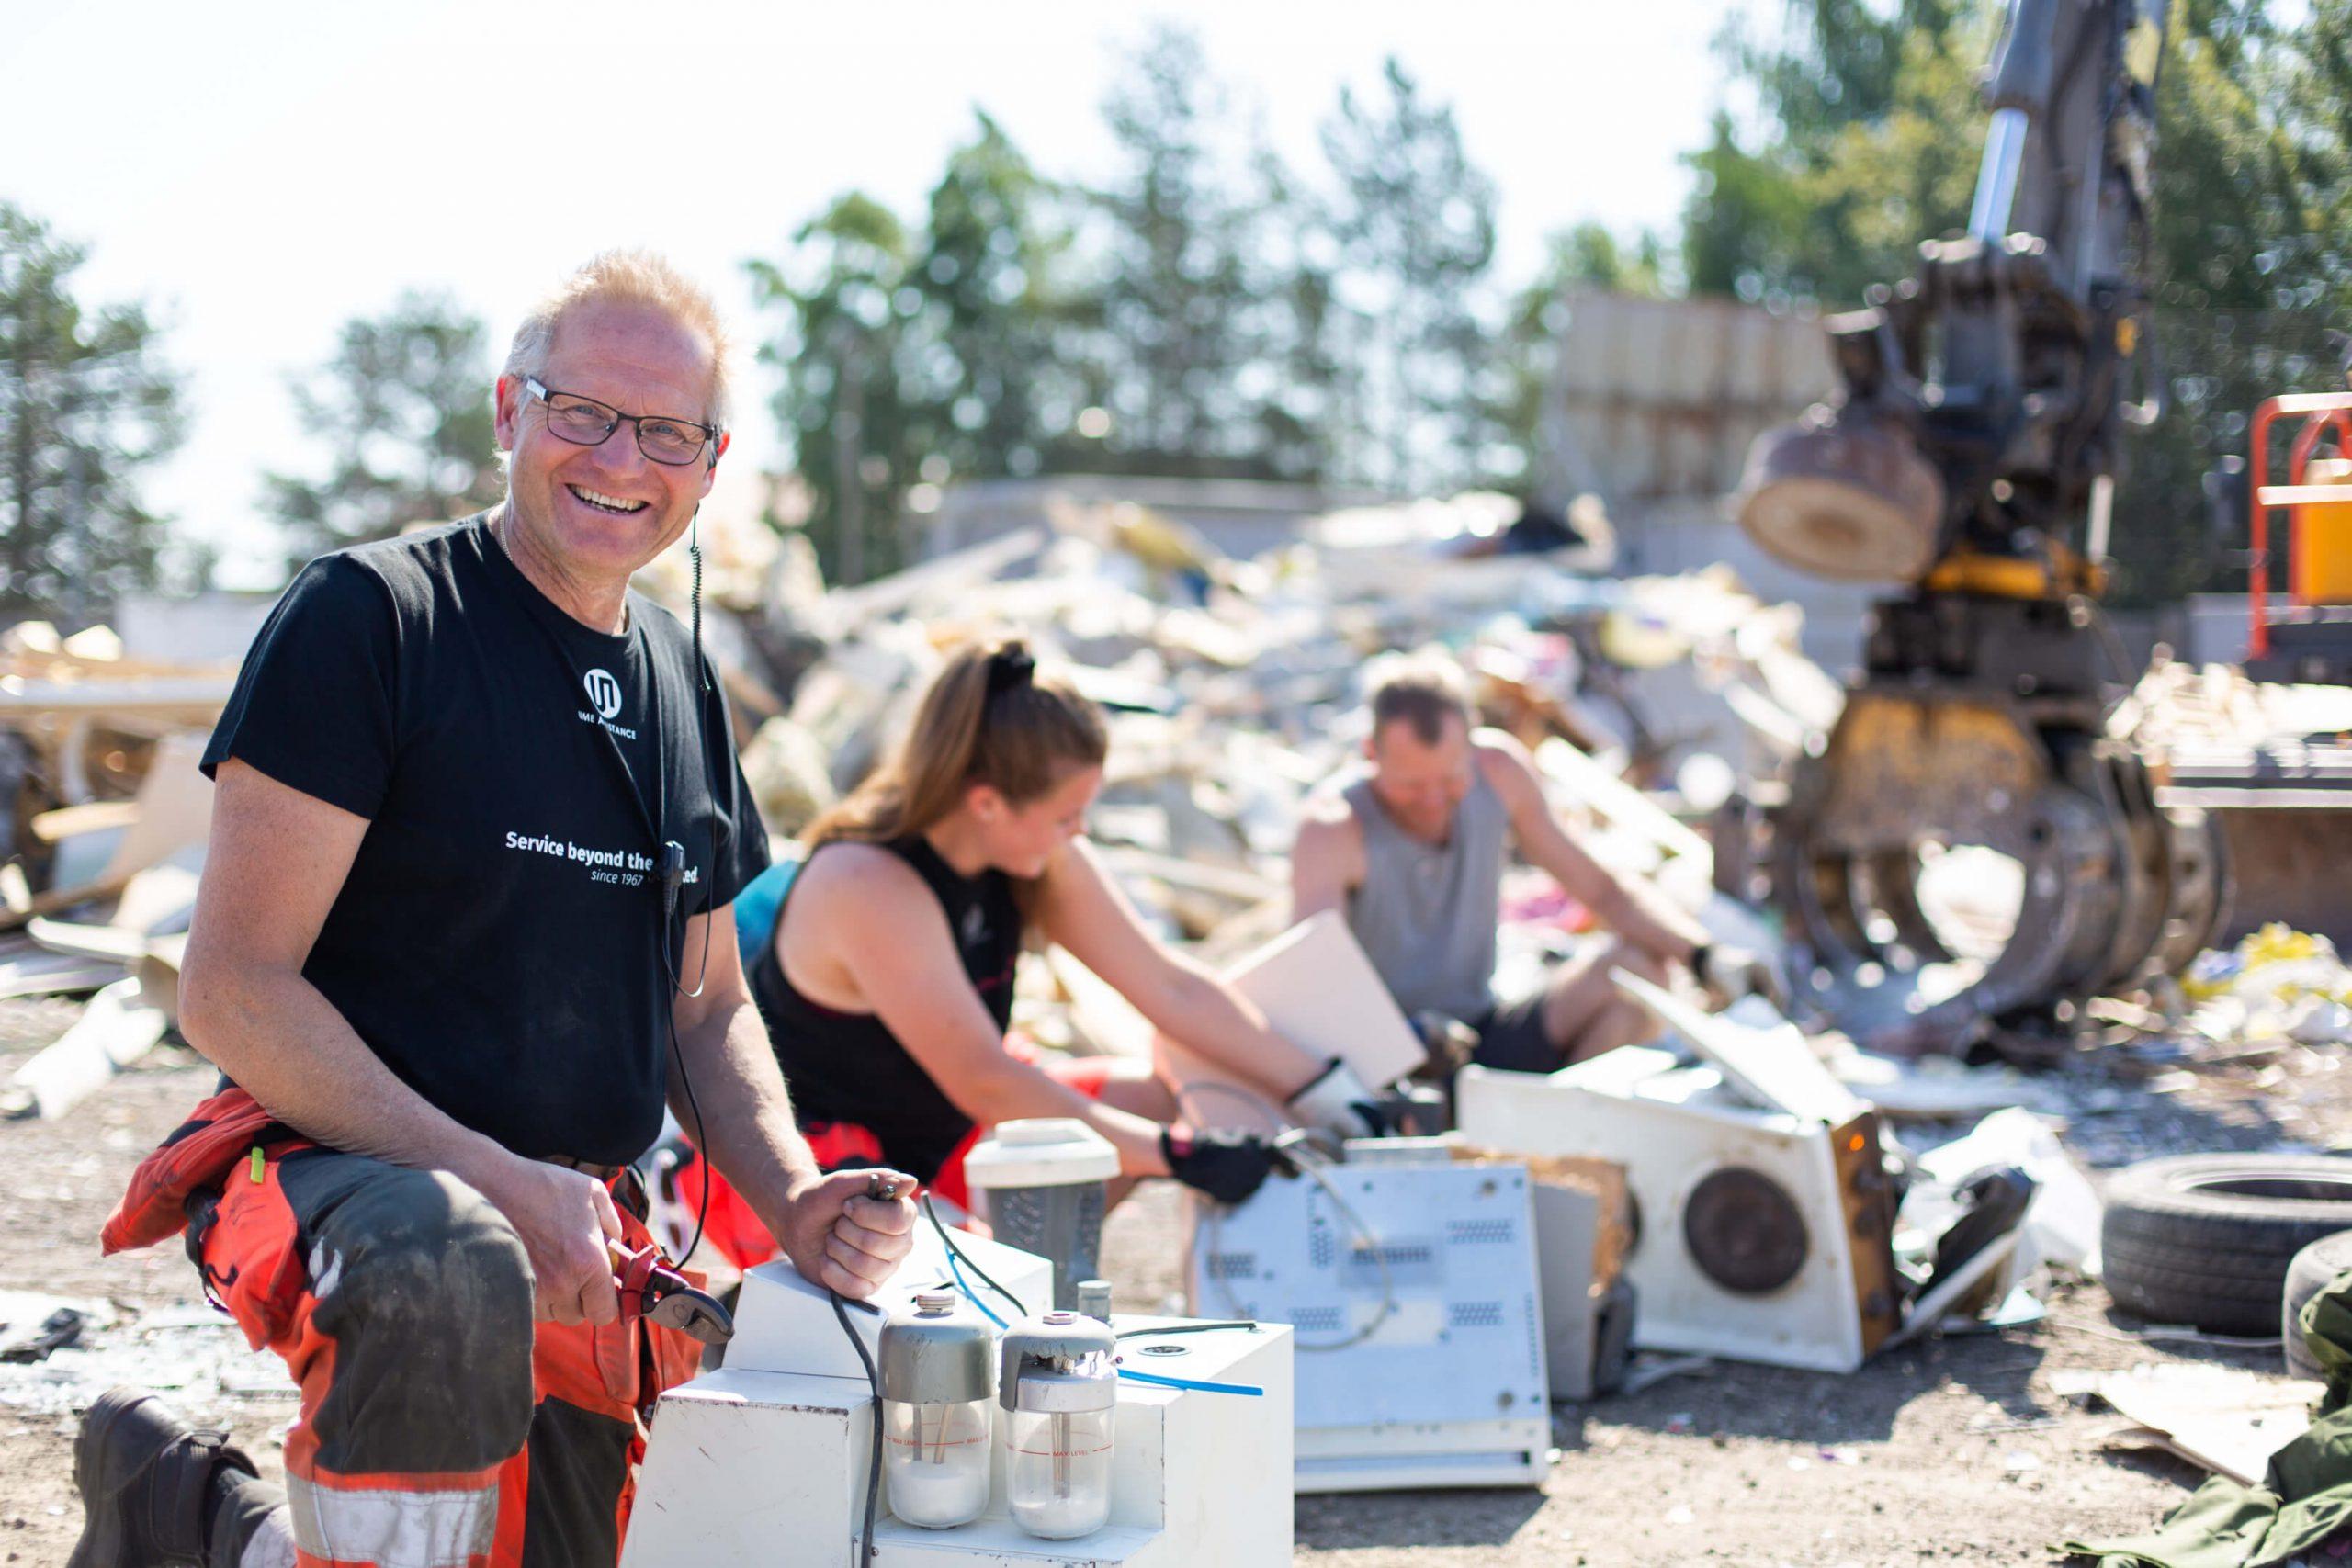 Återvinning ume assistance